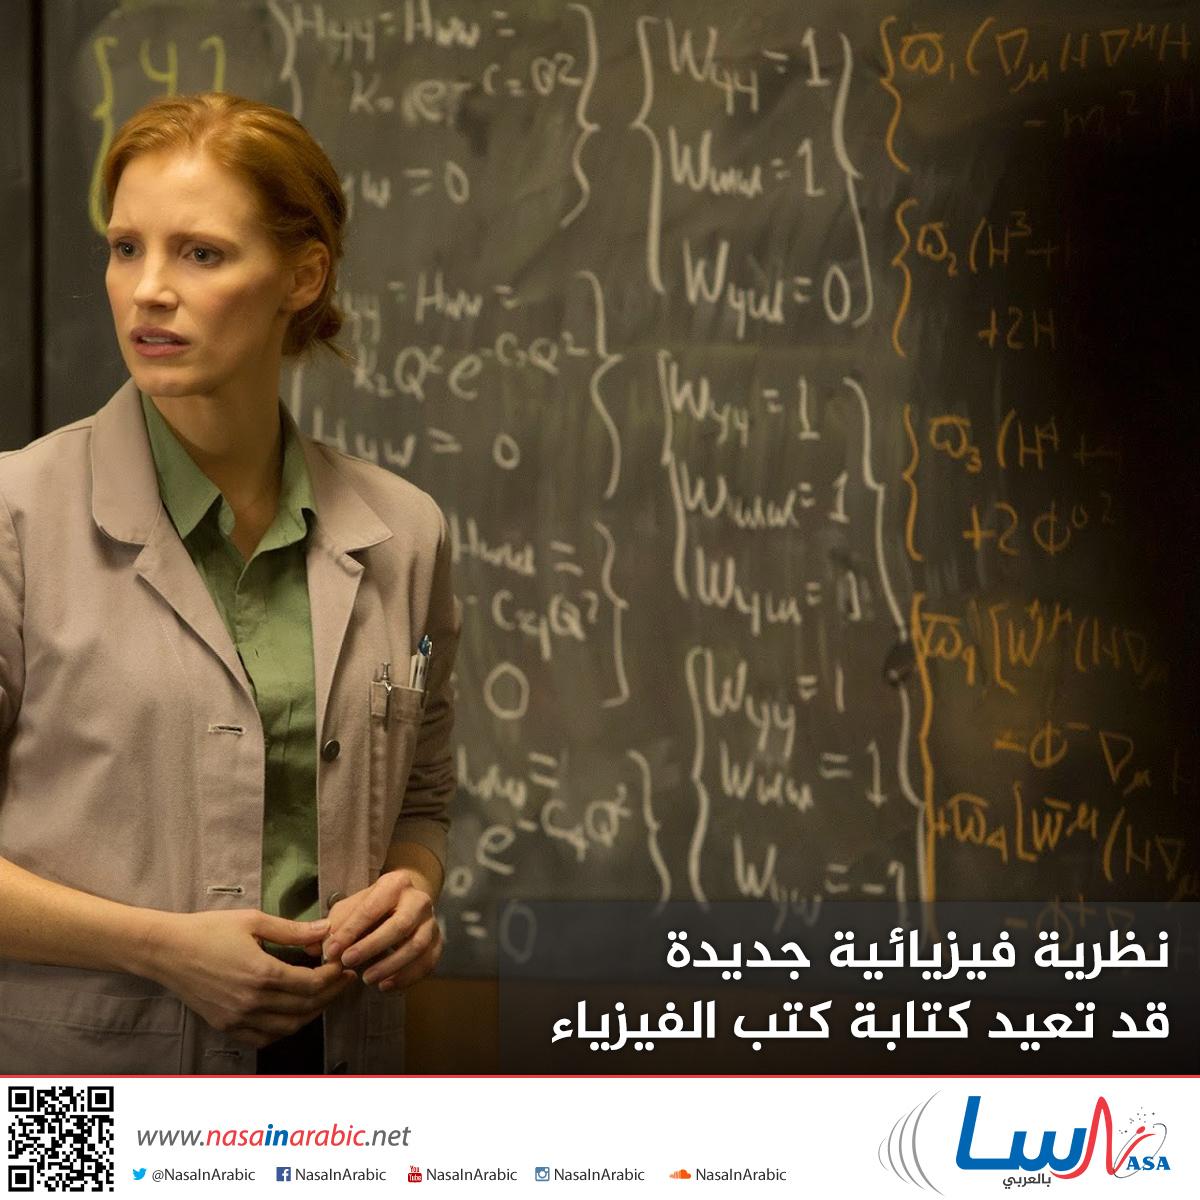 نظرية فيزيائية جديدة قد تعيد كتابة كتب الفيزياء